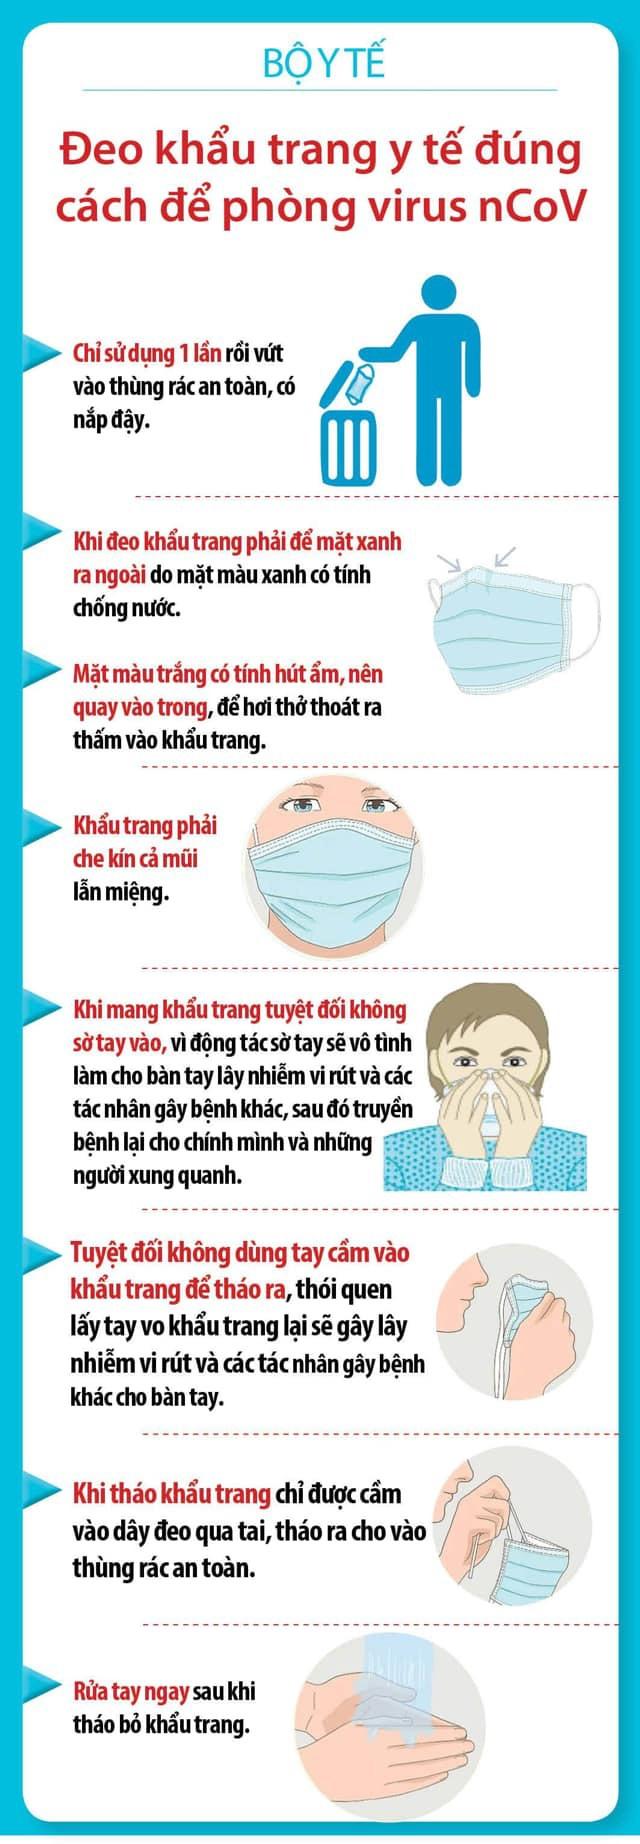 [Infographic] - Hướng dẫn đeo khẩu trang đúng cách đề phòng...